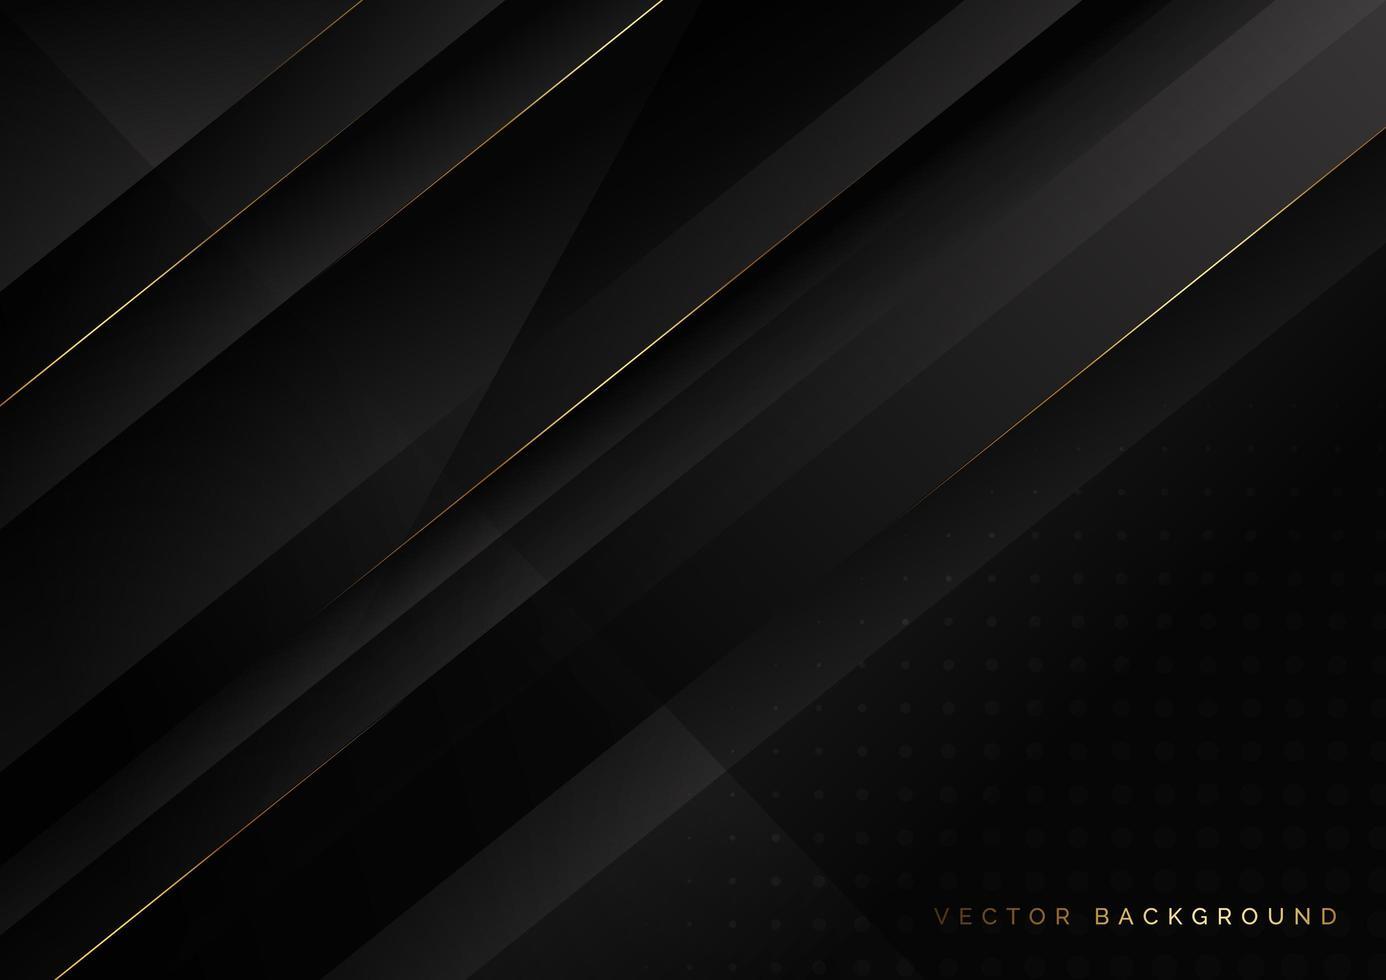 diagonal svart bakgrund med gyllene linjer vektor